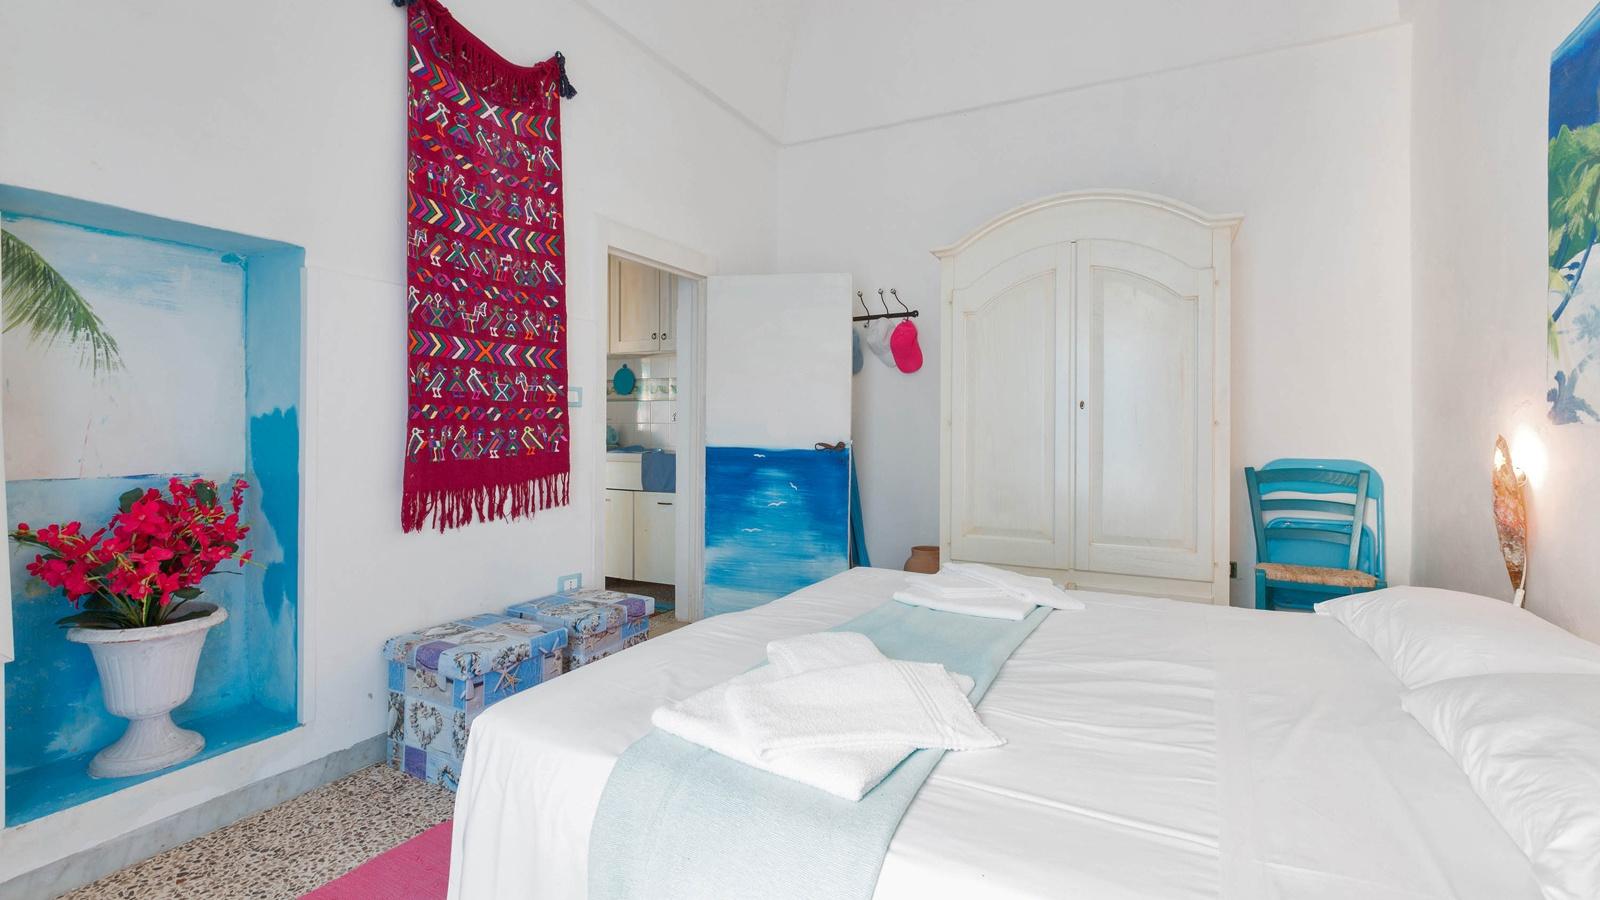 vacanze ostuni casa giovanna camera da letto